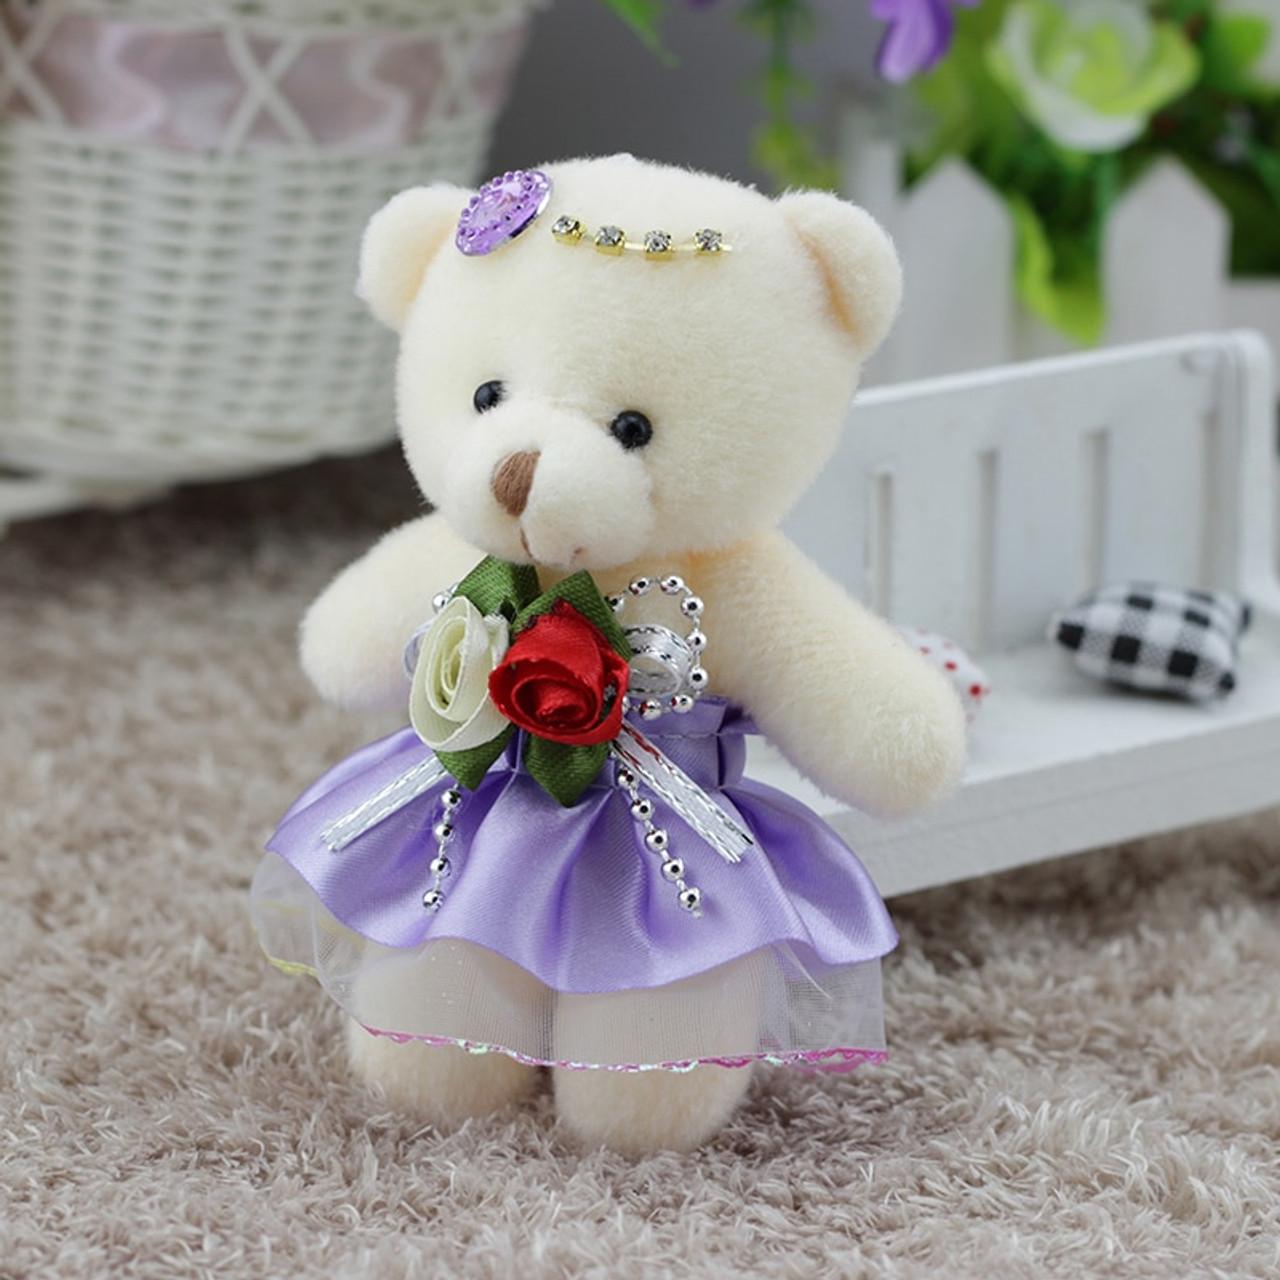 2f6dff5f563 ... 12pcs lot Kawaii Small Teddy Bears Stuffed Plush 12CM Toy Mini cartoon  bouquet Teddy- ...